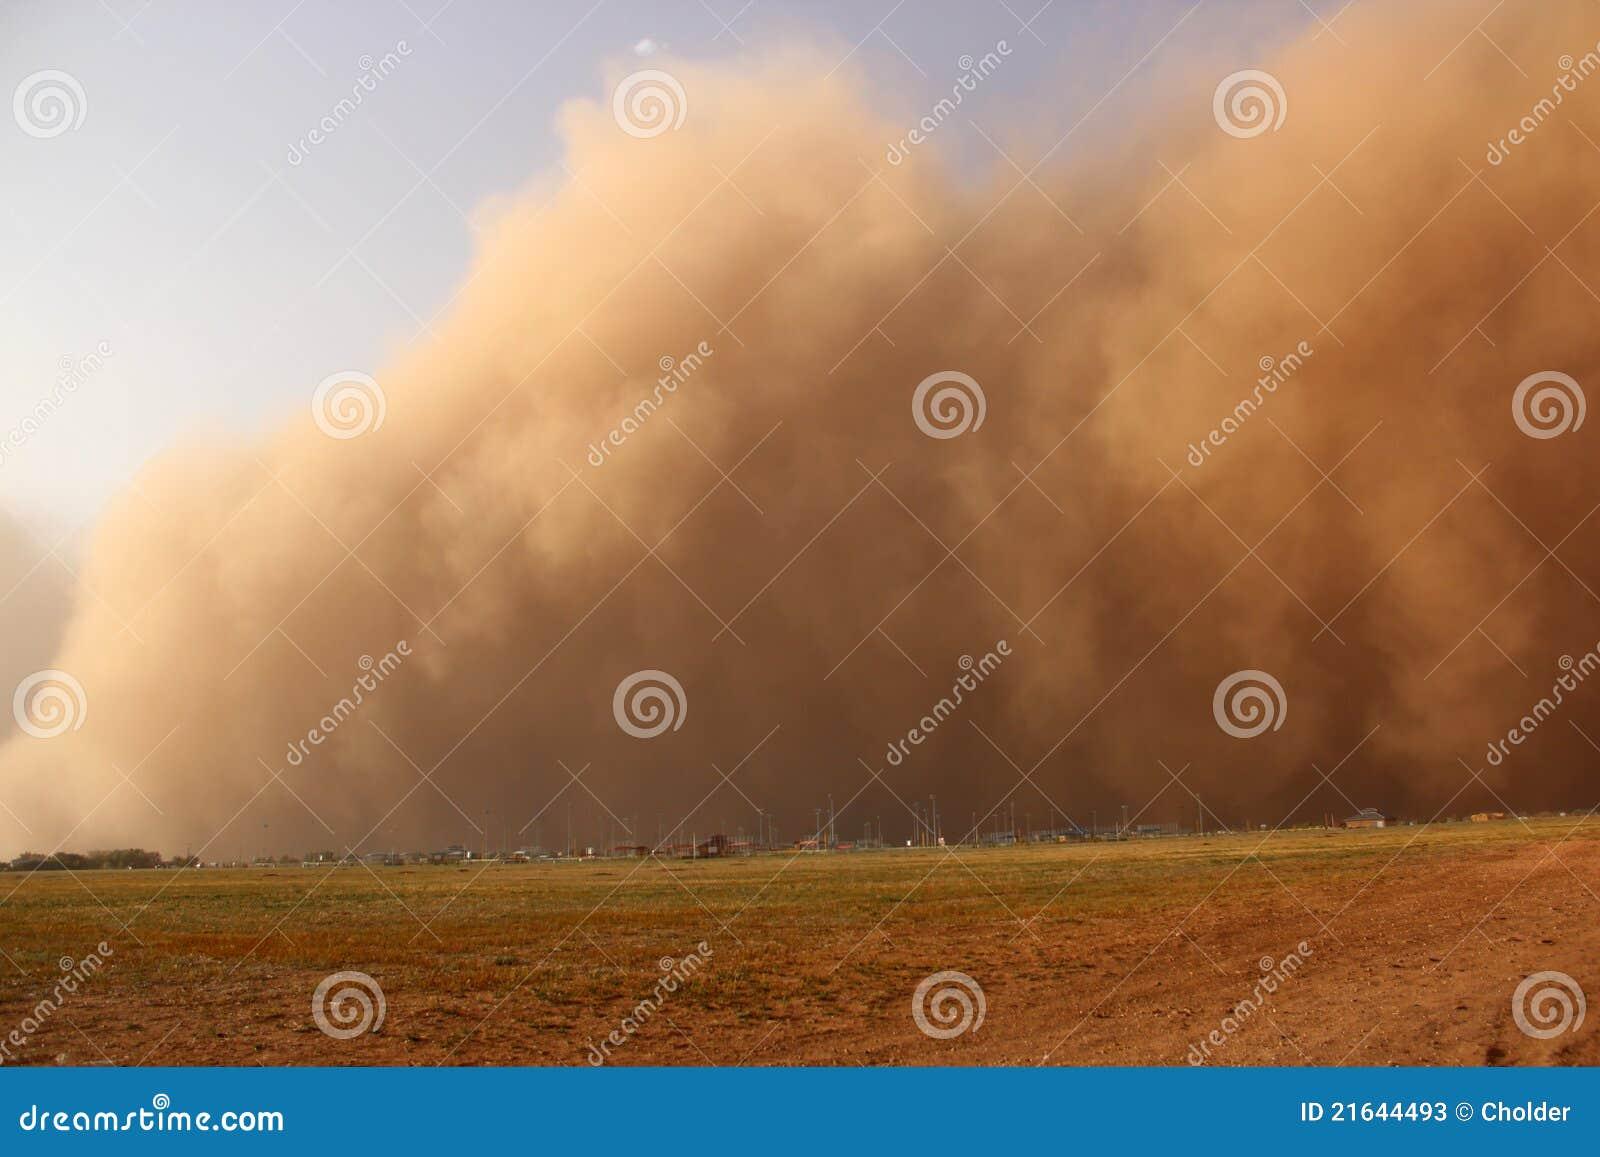 Approche de tempête de poussière